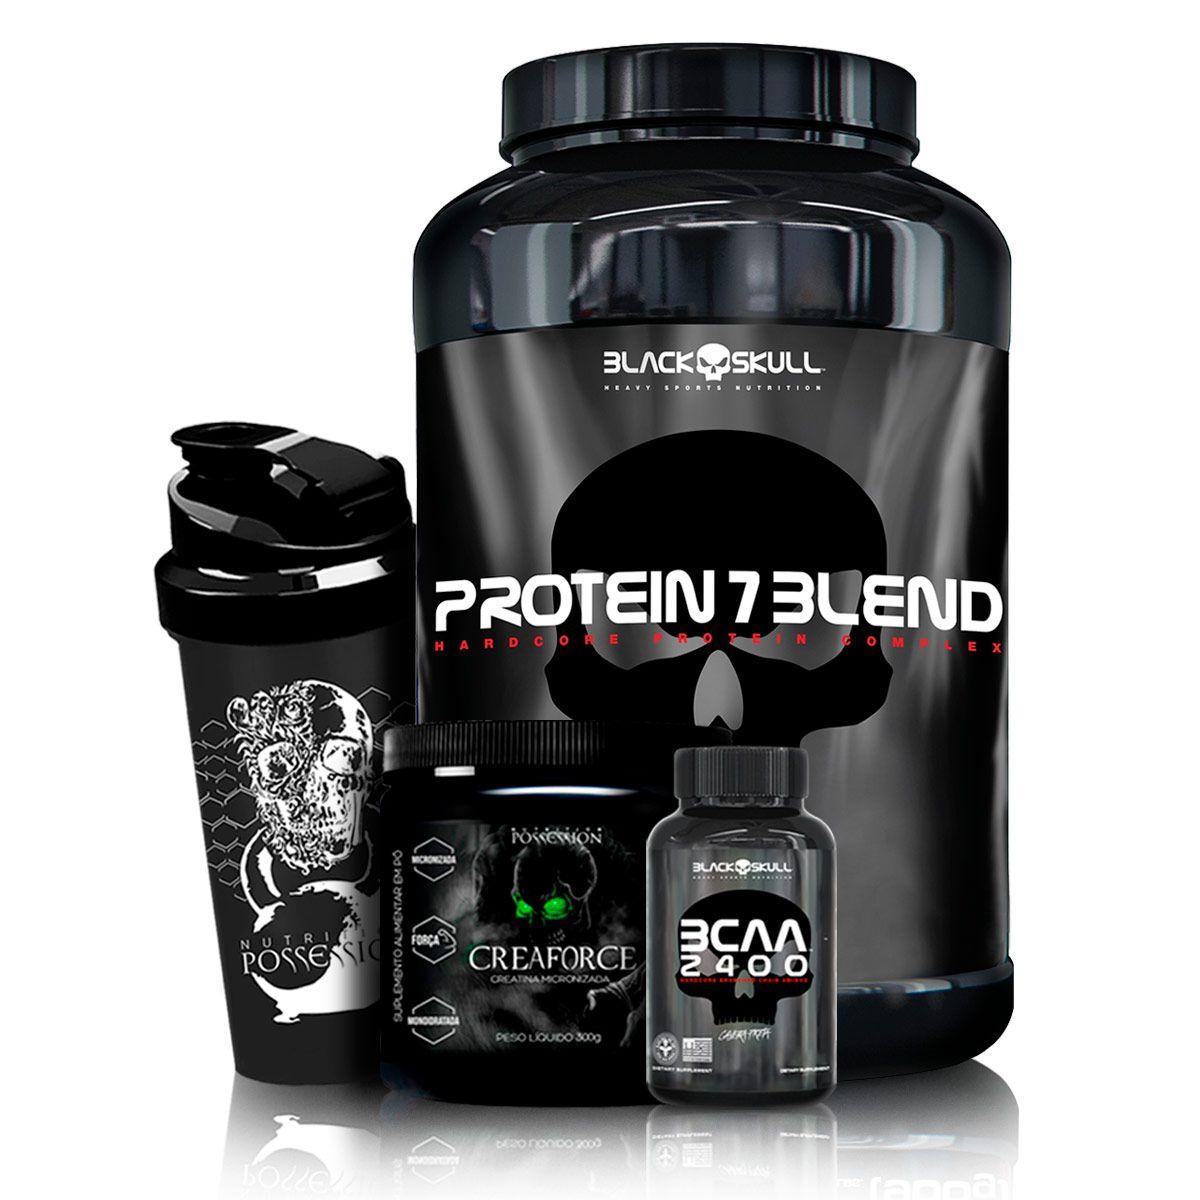 Kit Whey Protein 7 Blend - Black Skull